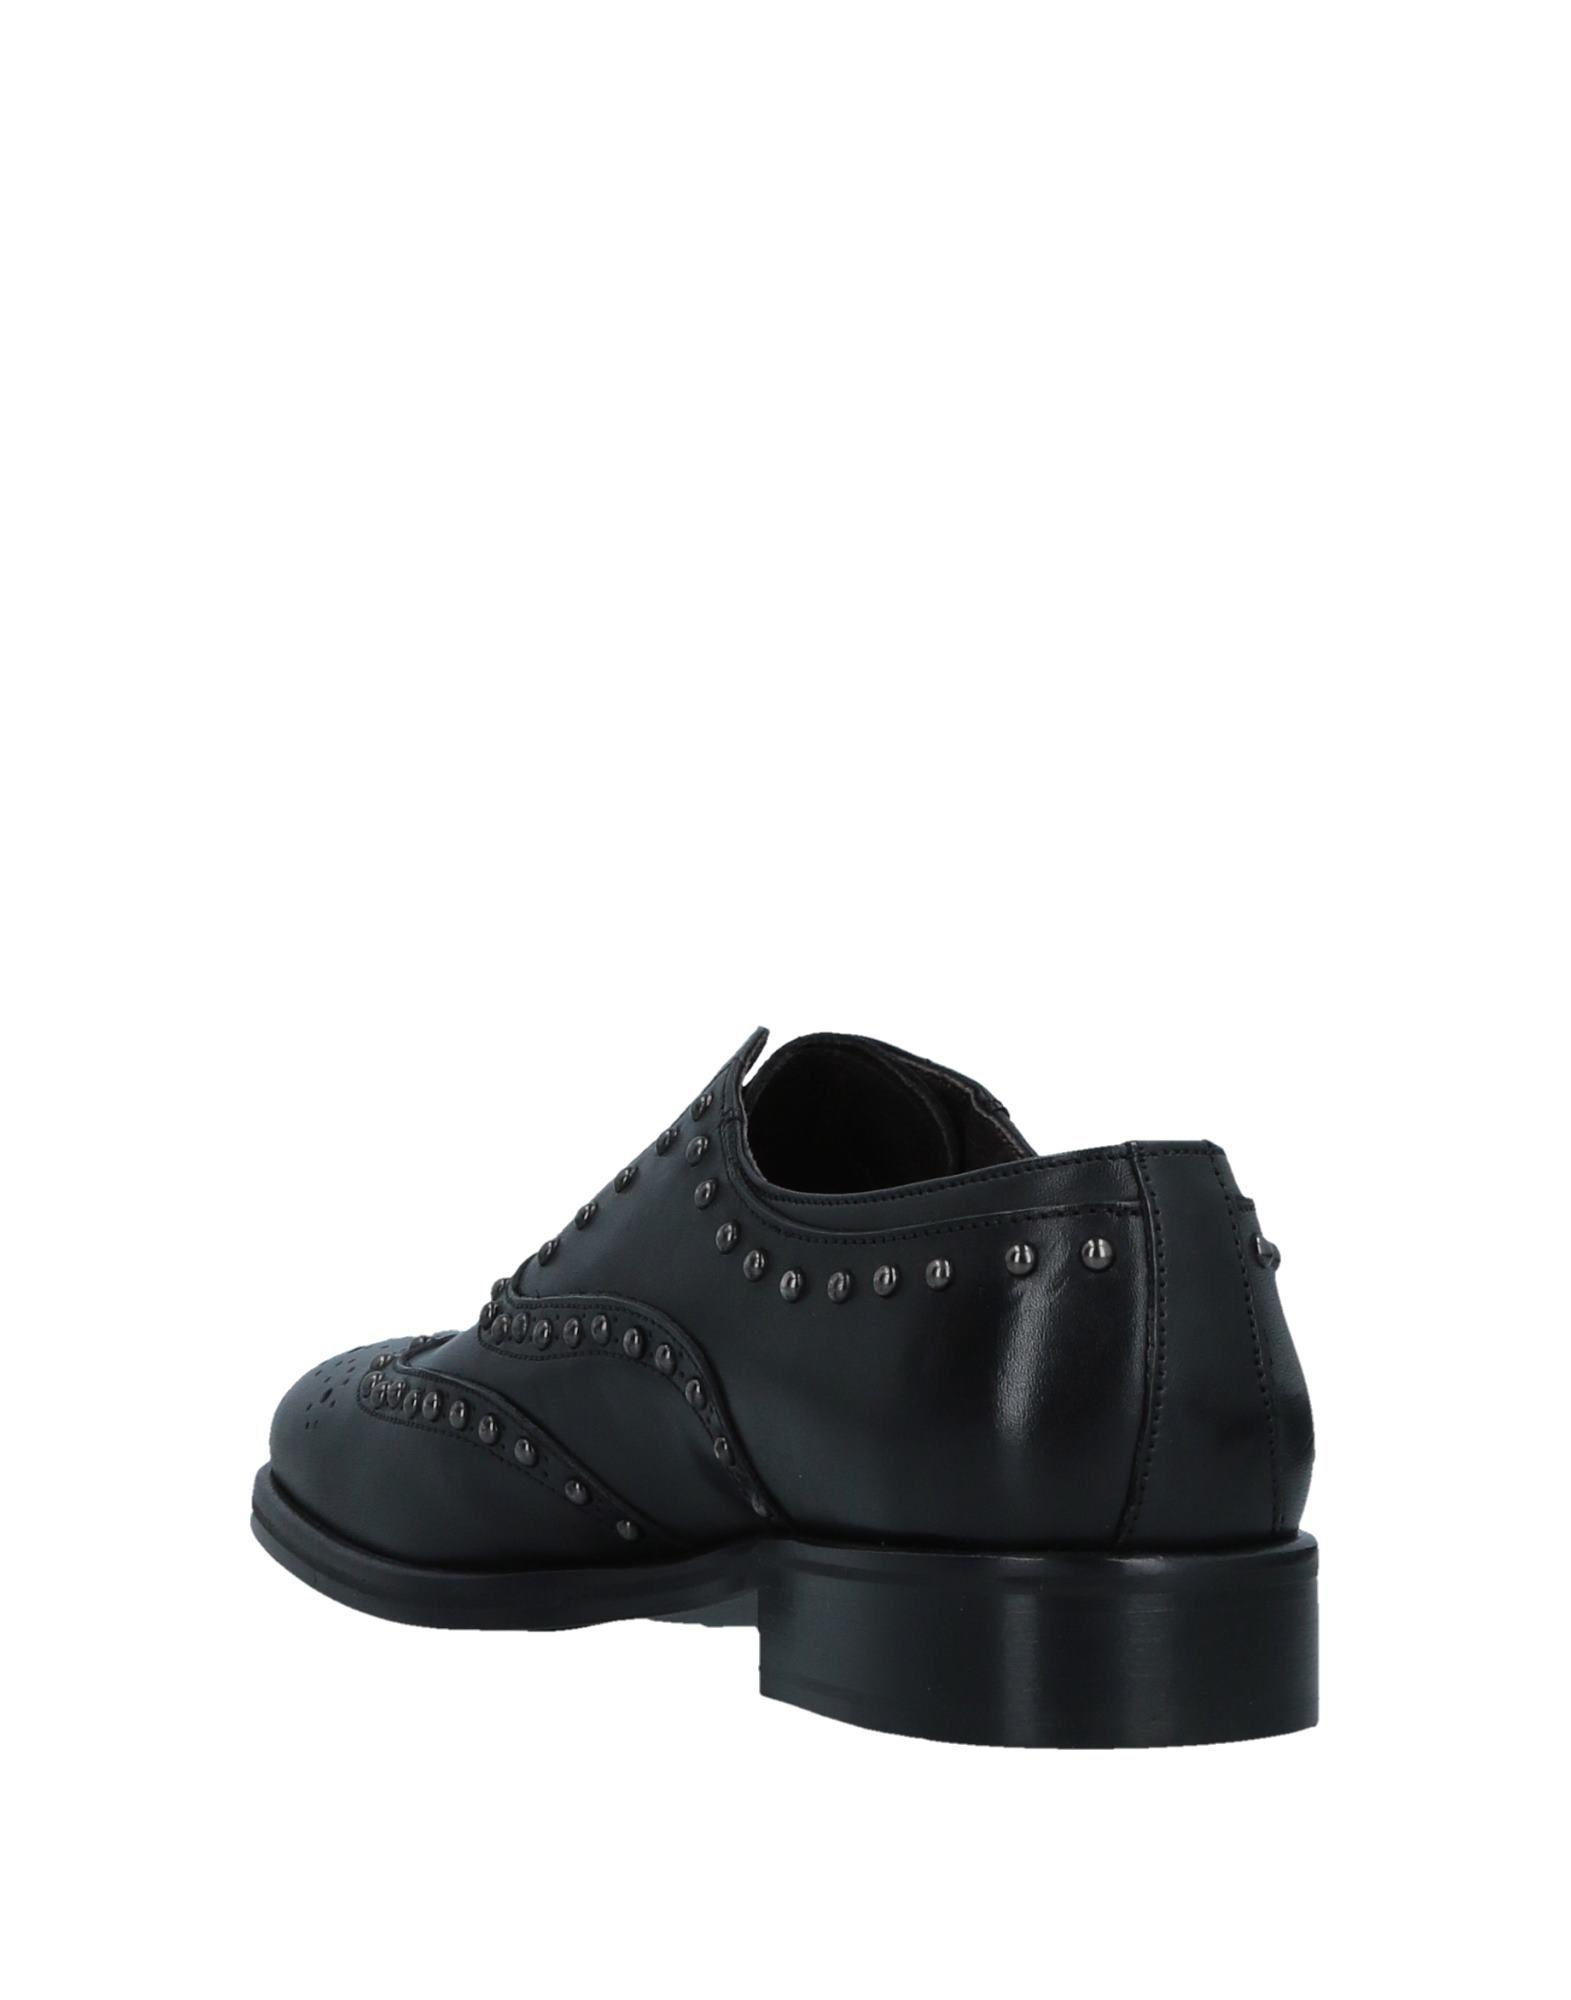 Rabatt echte Schuhe Daniele 11521219TW Alessandrini Mokassins Herren  11521219TW Daniele d405a5